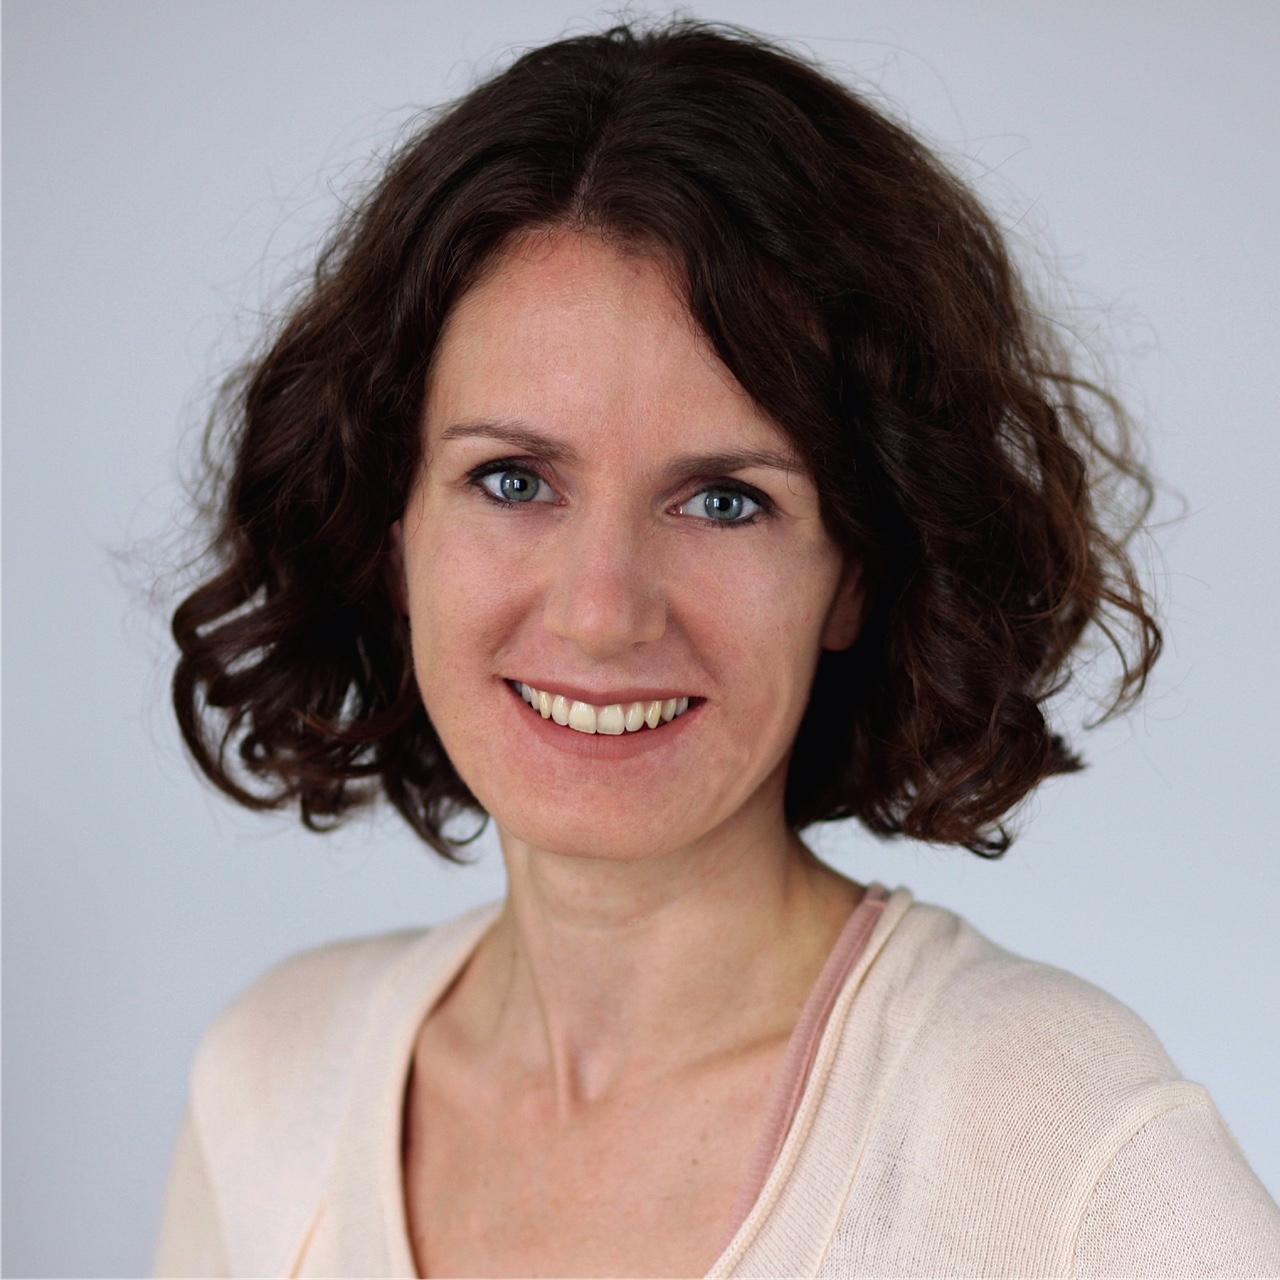 Mag.a Kathrin Kordon